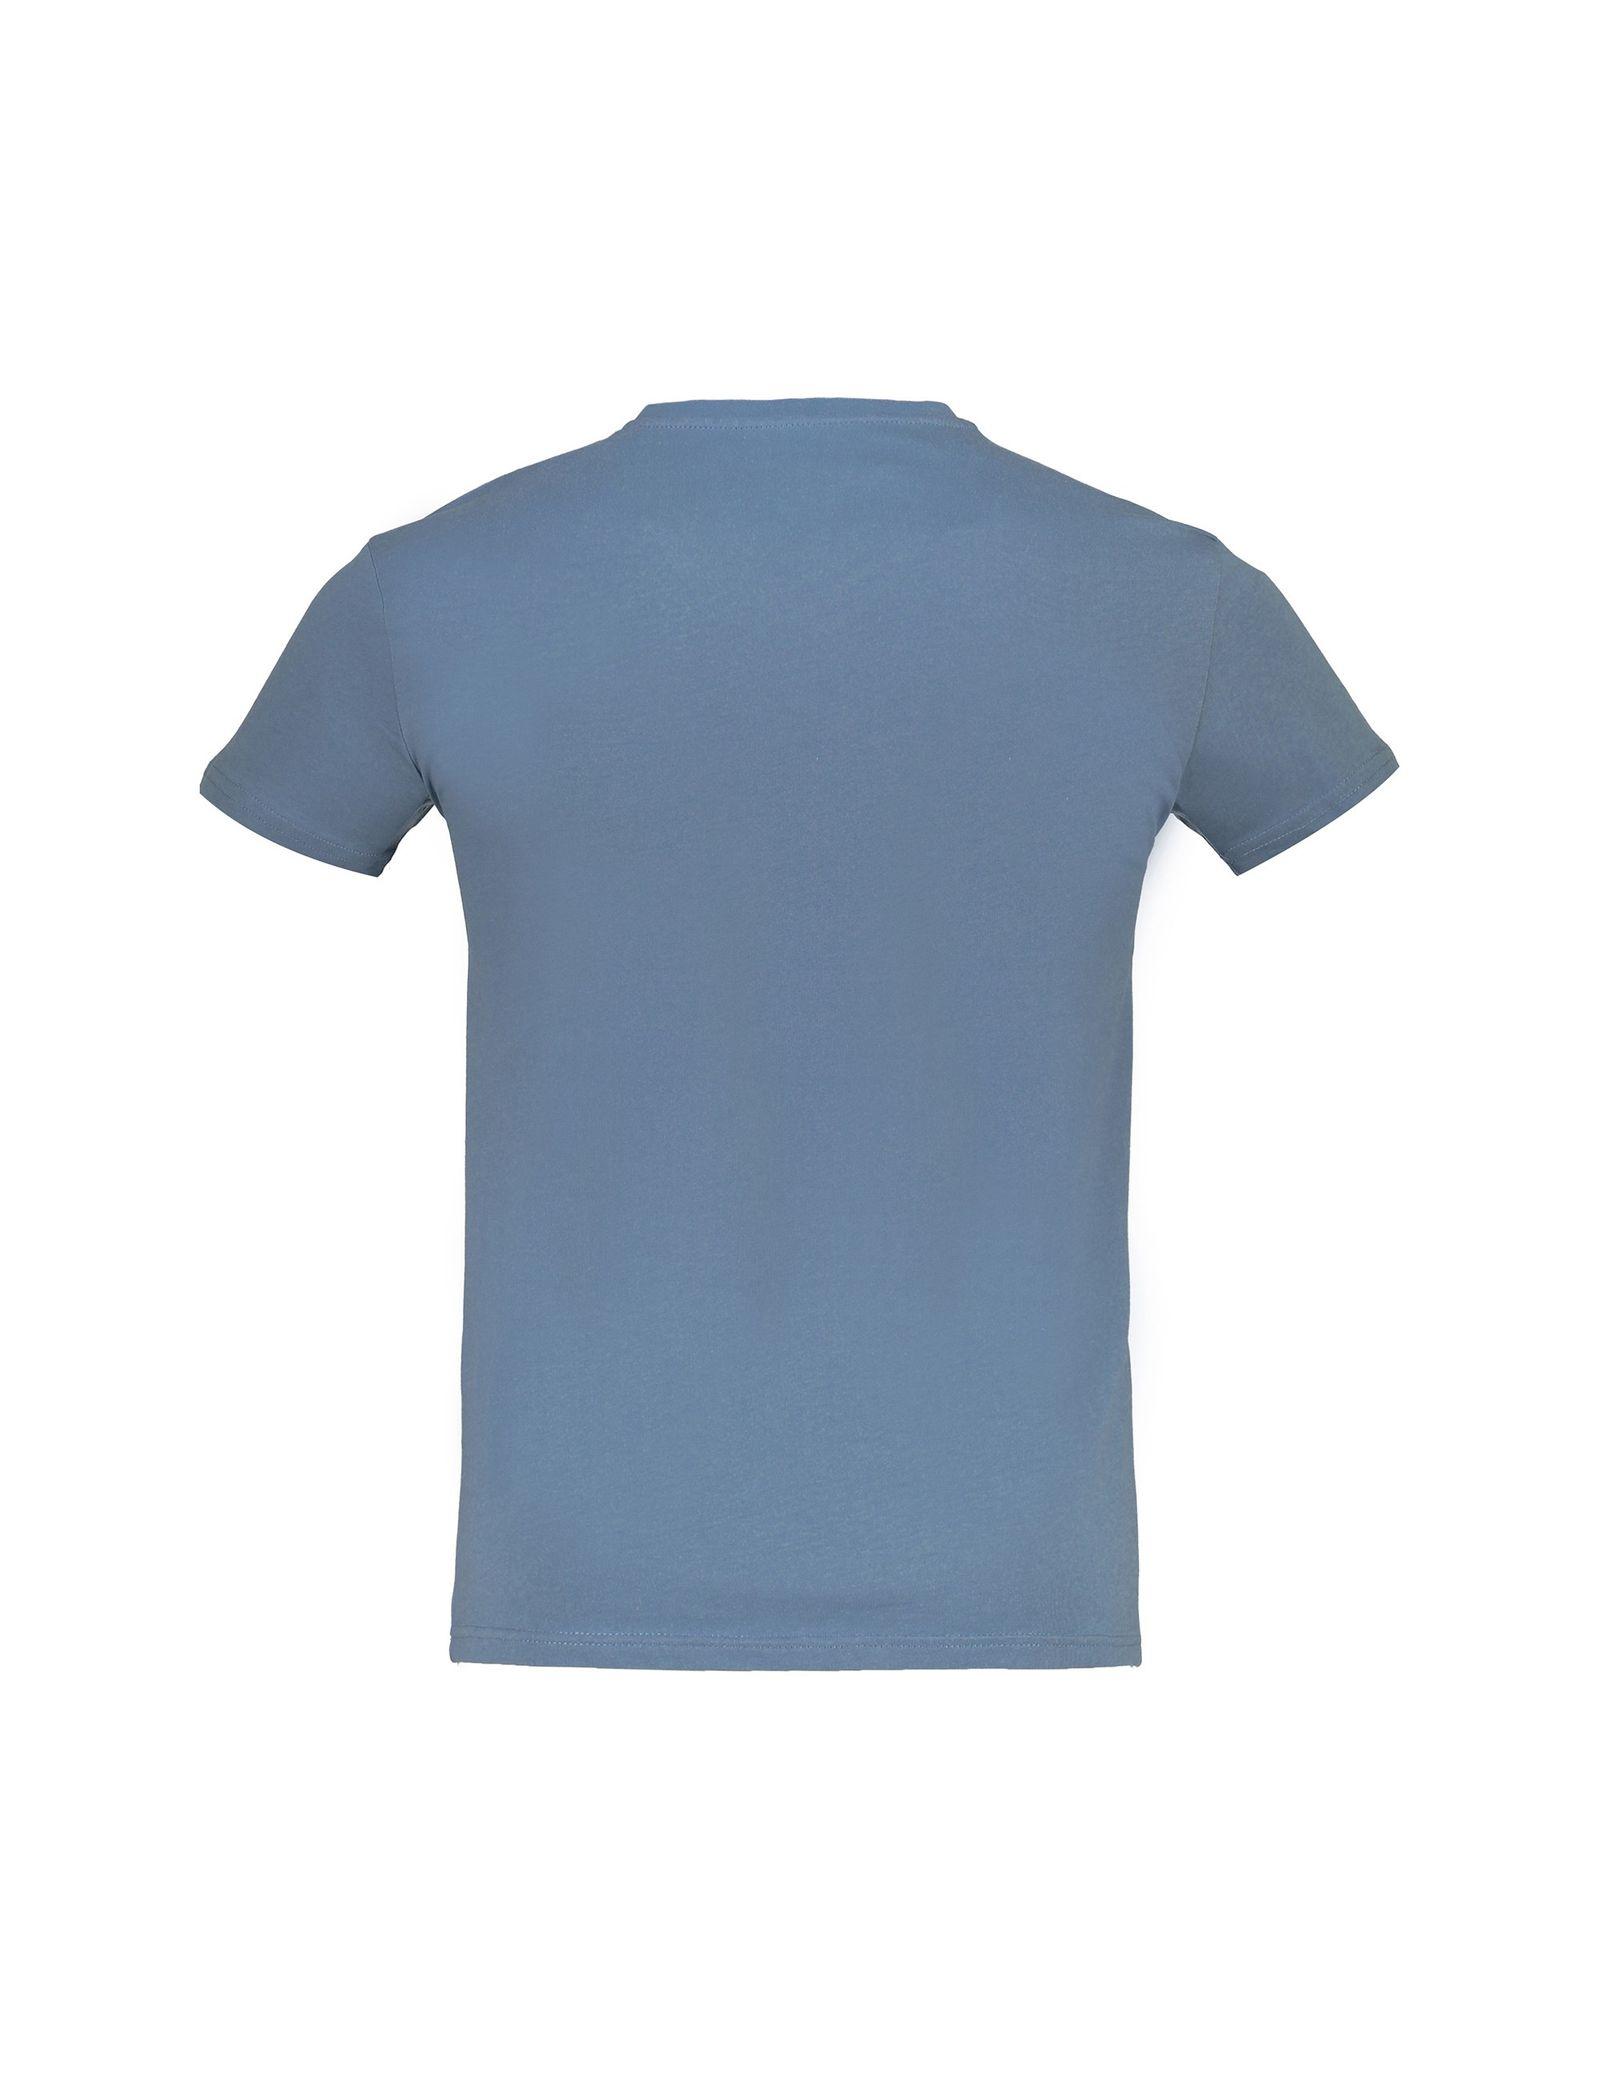 تی شرت نخی یقه هفت مردانه - کوتون - آبي - 2